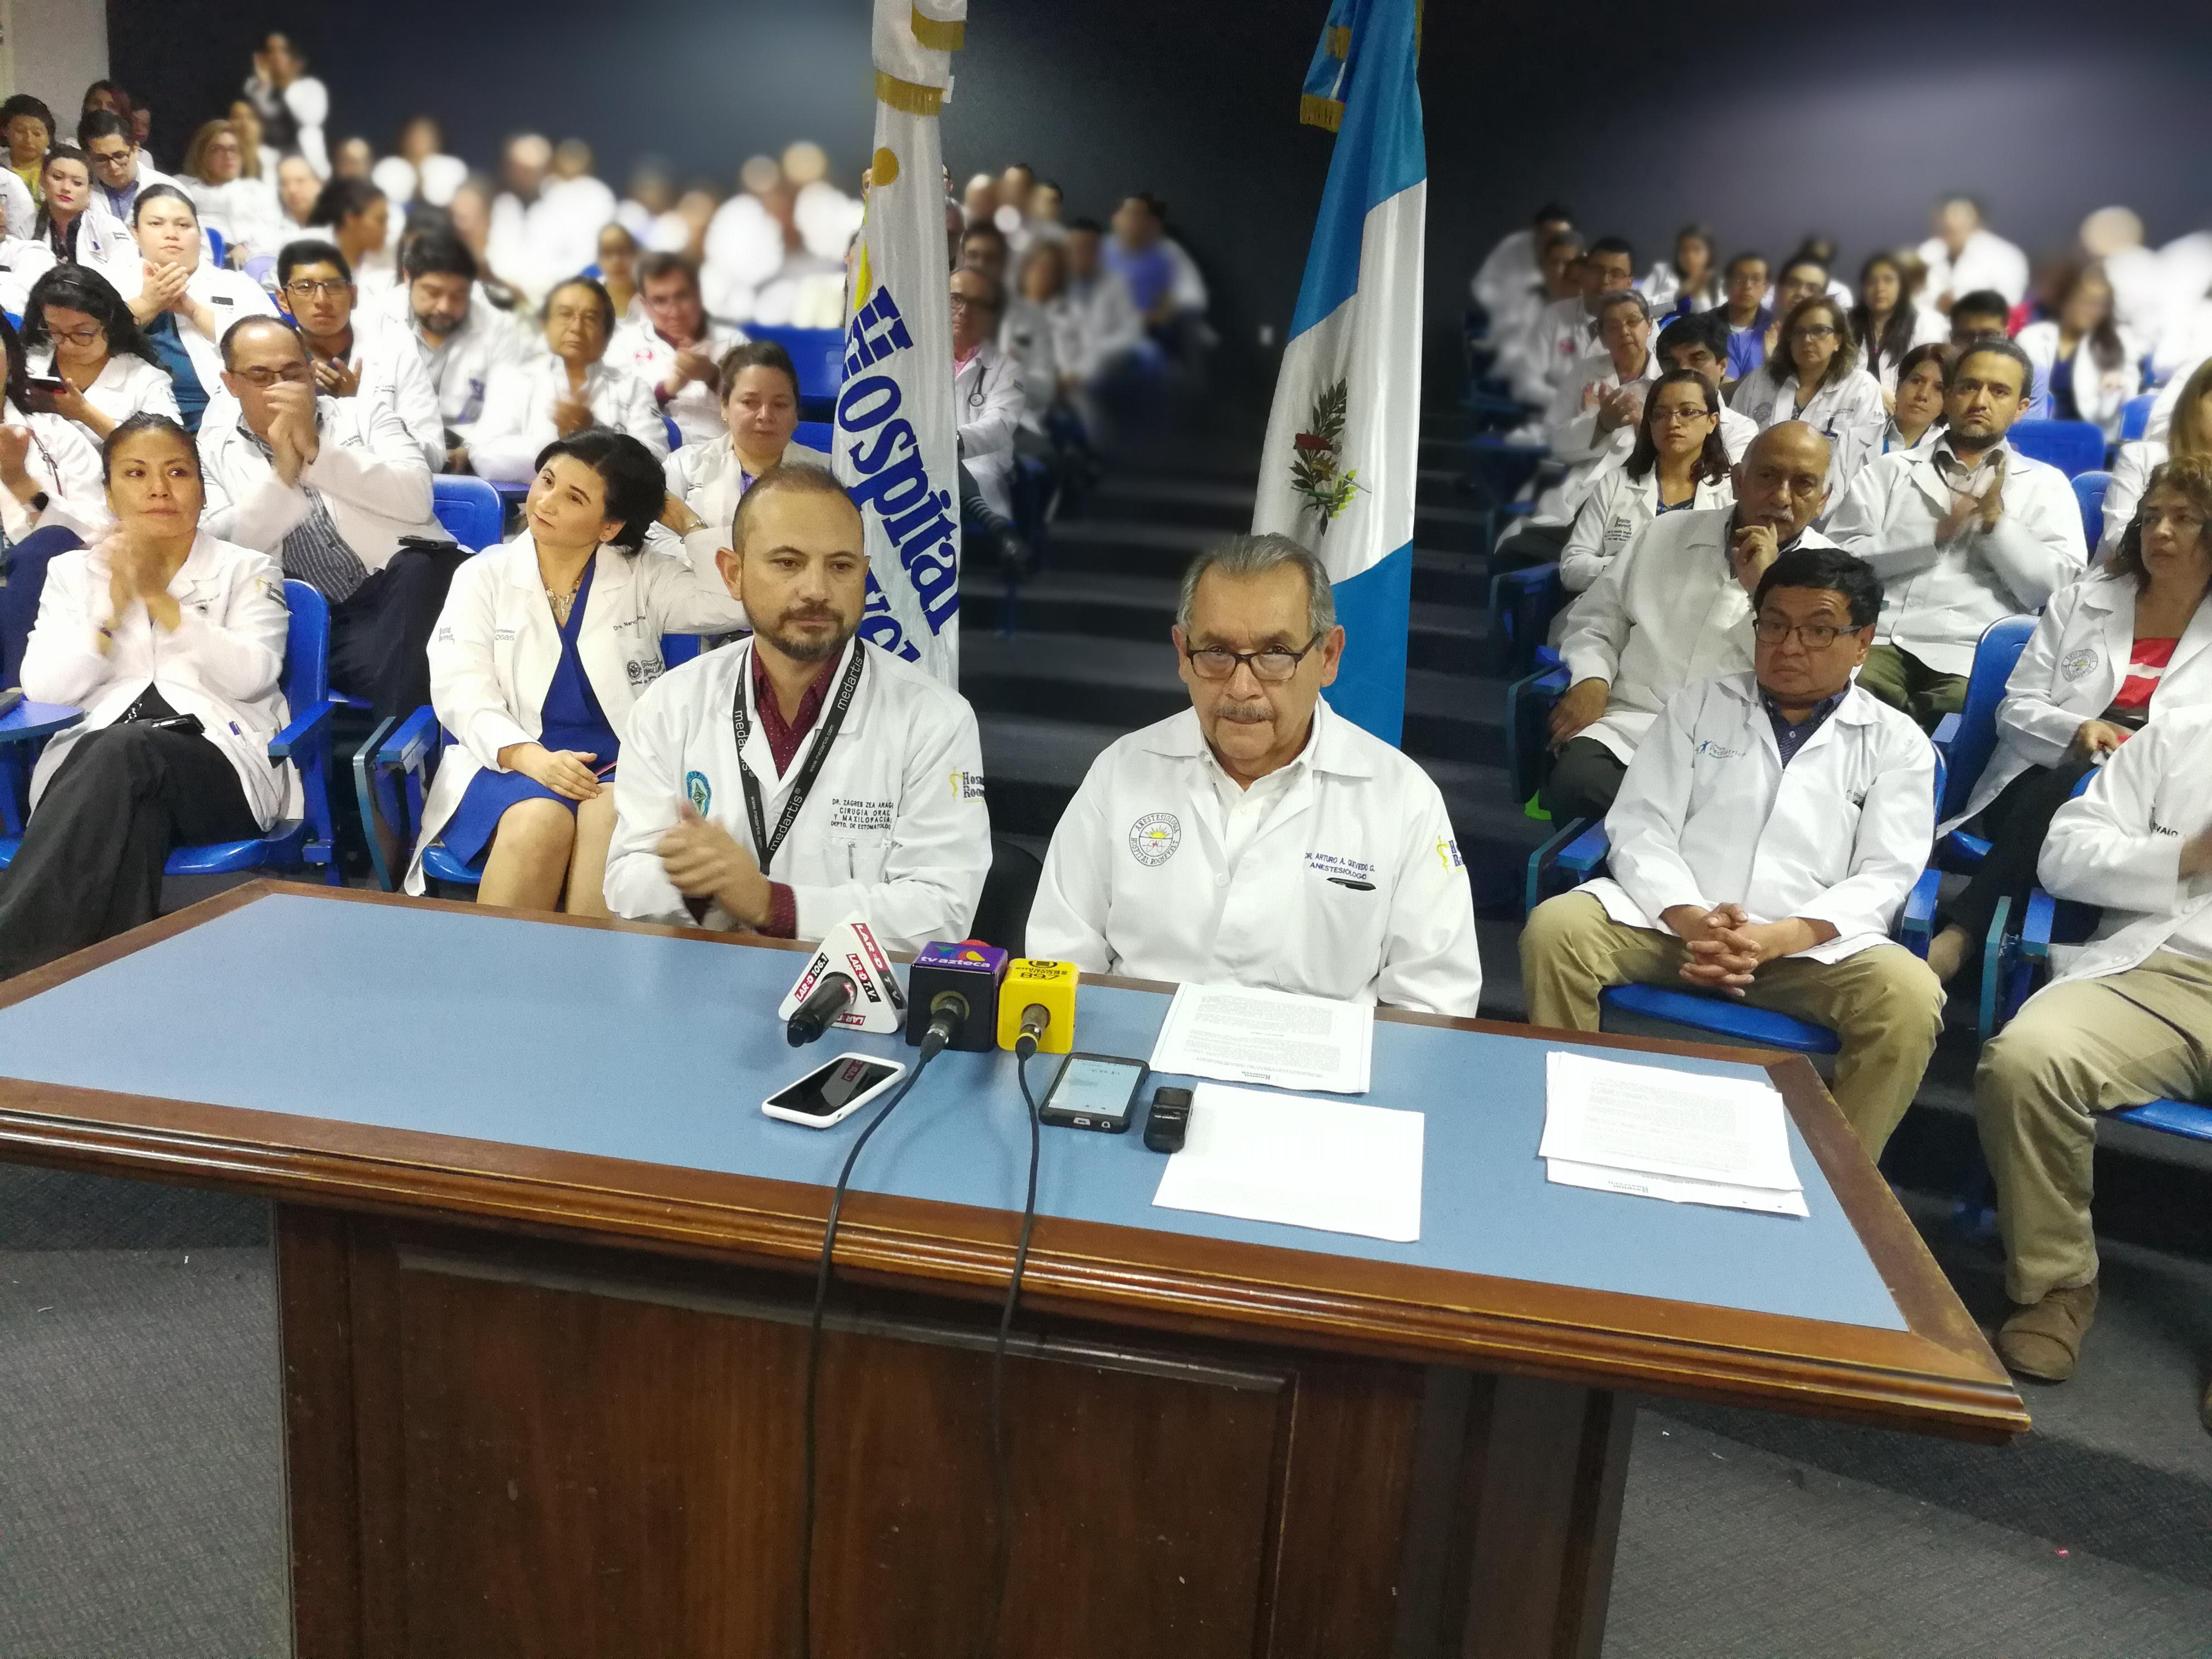 La asamblea del médicos y profesionales de la salud del Hospital Roosevelt dieron una conferencia de prensa para mostrar su postura en el tema de firma de contratos e incremento salarial  al gremio. (Foto Prensa Libre: Ana Lucía Ola)